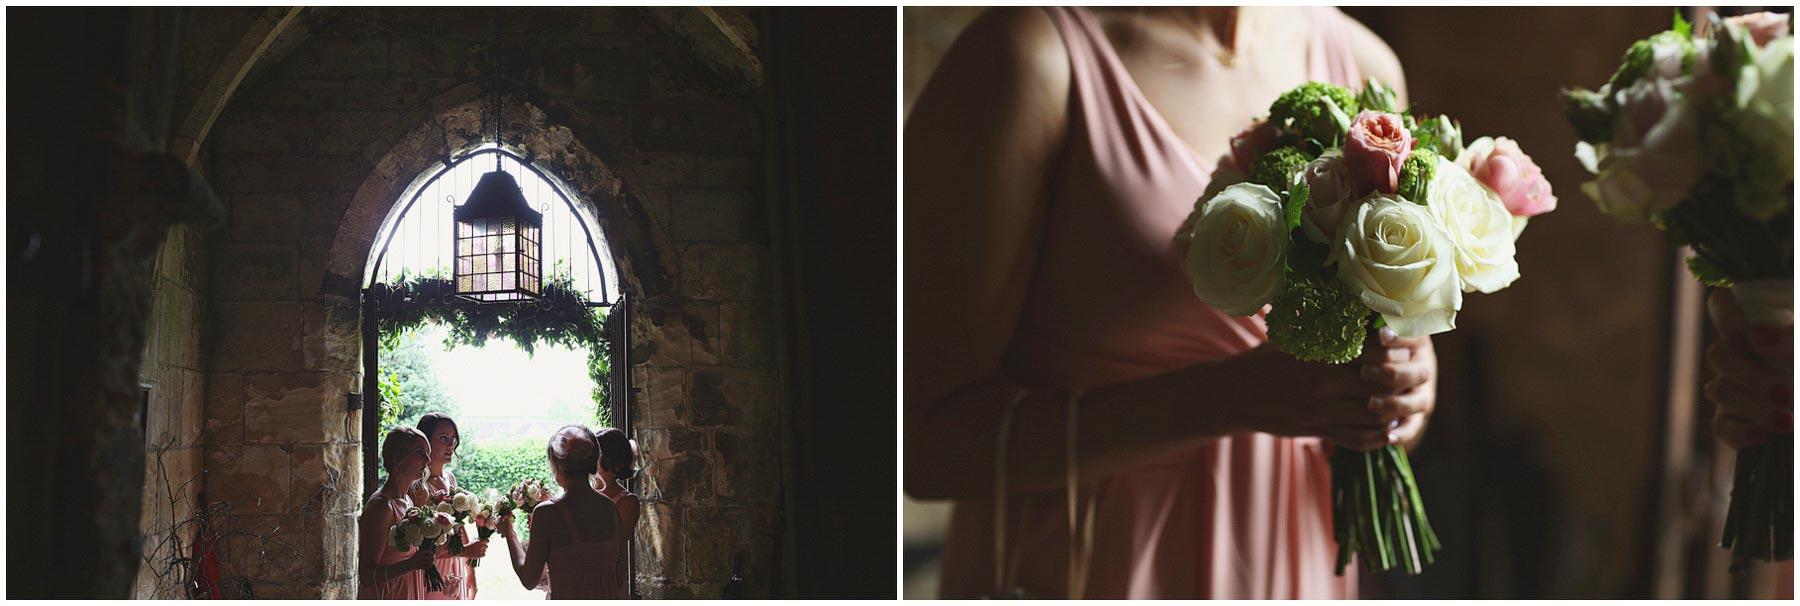 Wentbridge-House-Wedding-Photography-63